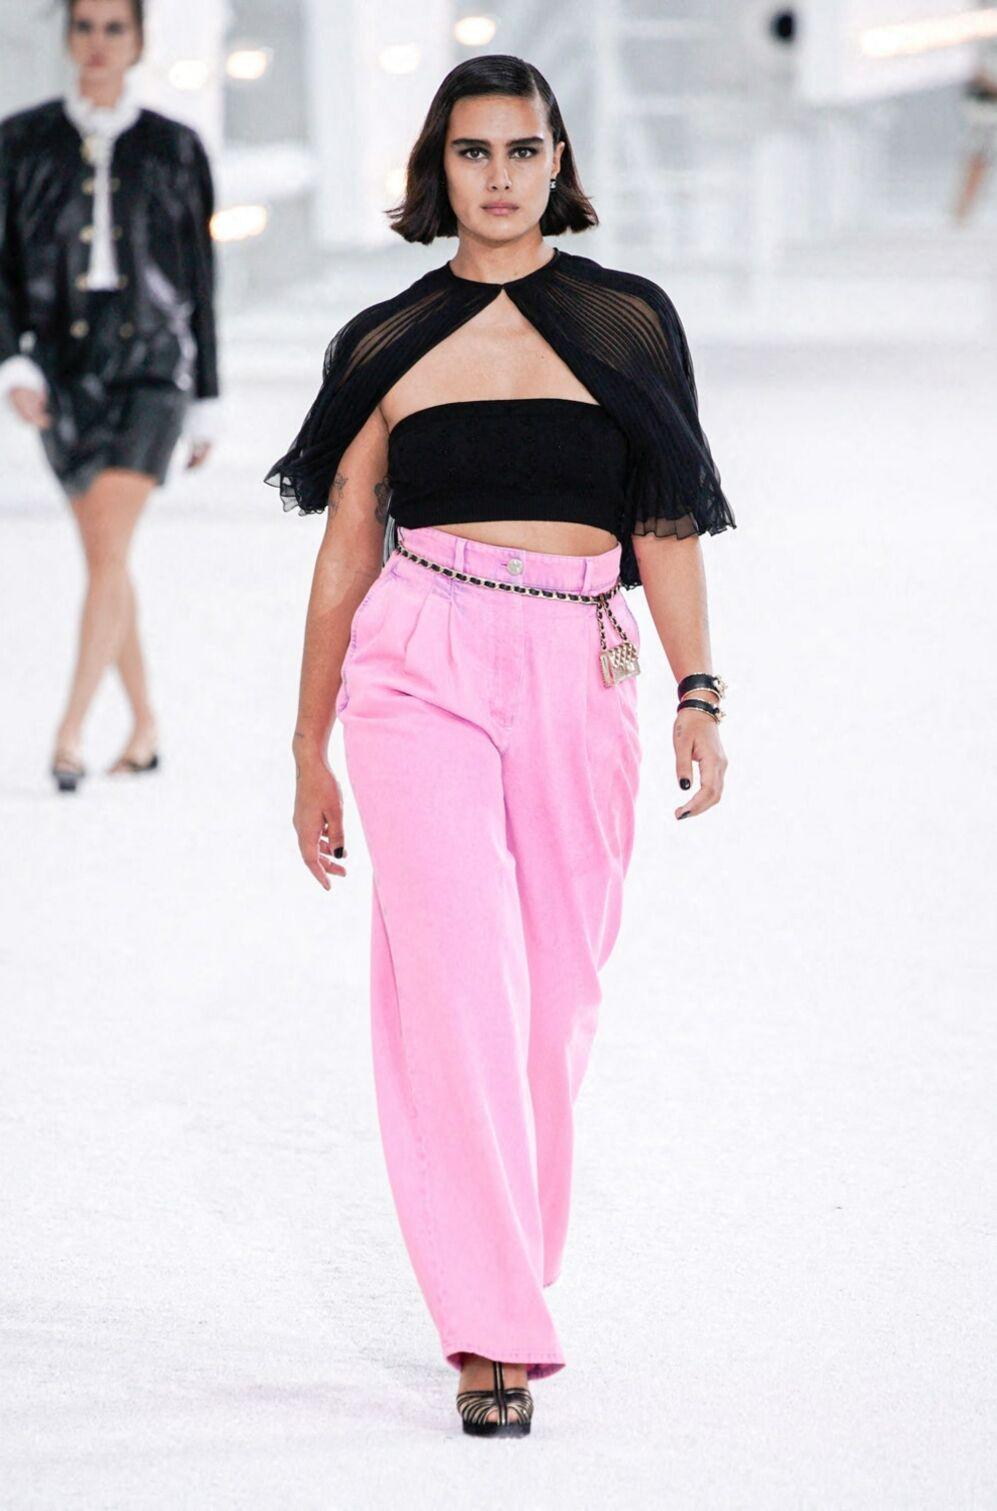 Le rose se porte façon pantalon large à mixer avec un top noir, comme ici chez Chanel